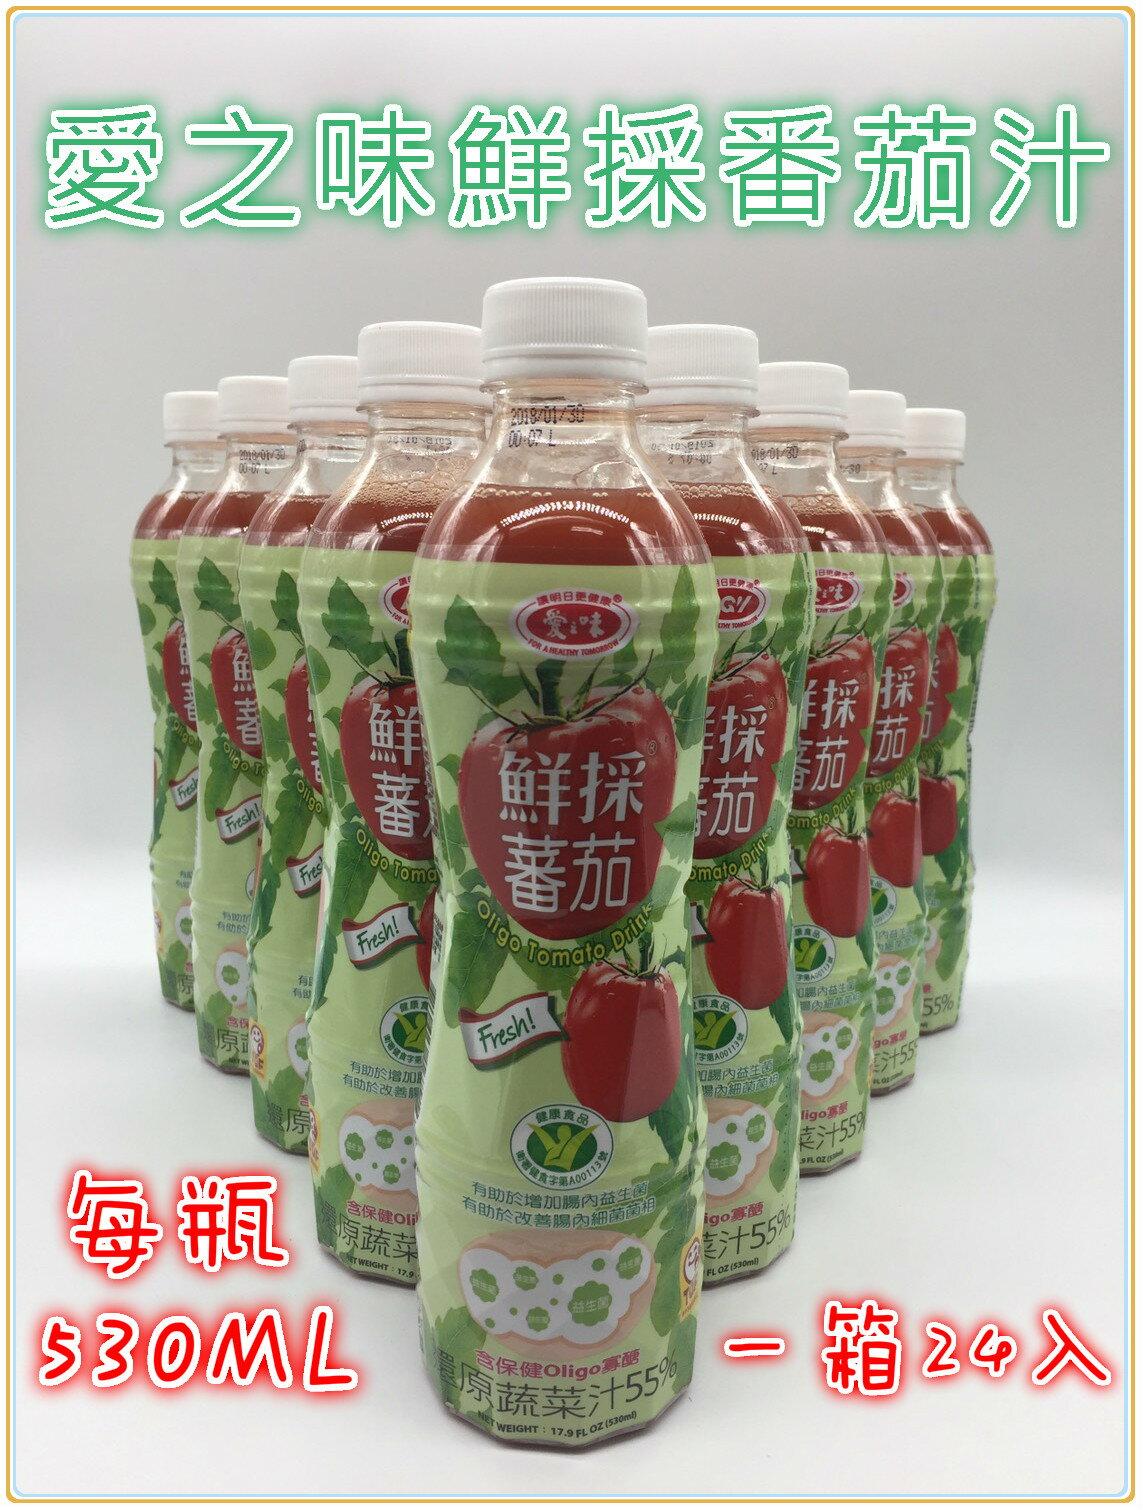 番茄汁 限宅配 愛之味鮮採蕃茄汁一箱24罐 1罐530ML 愛之味 番茄水果 飲料